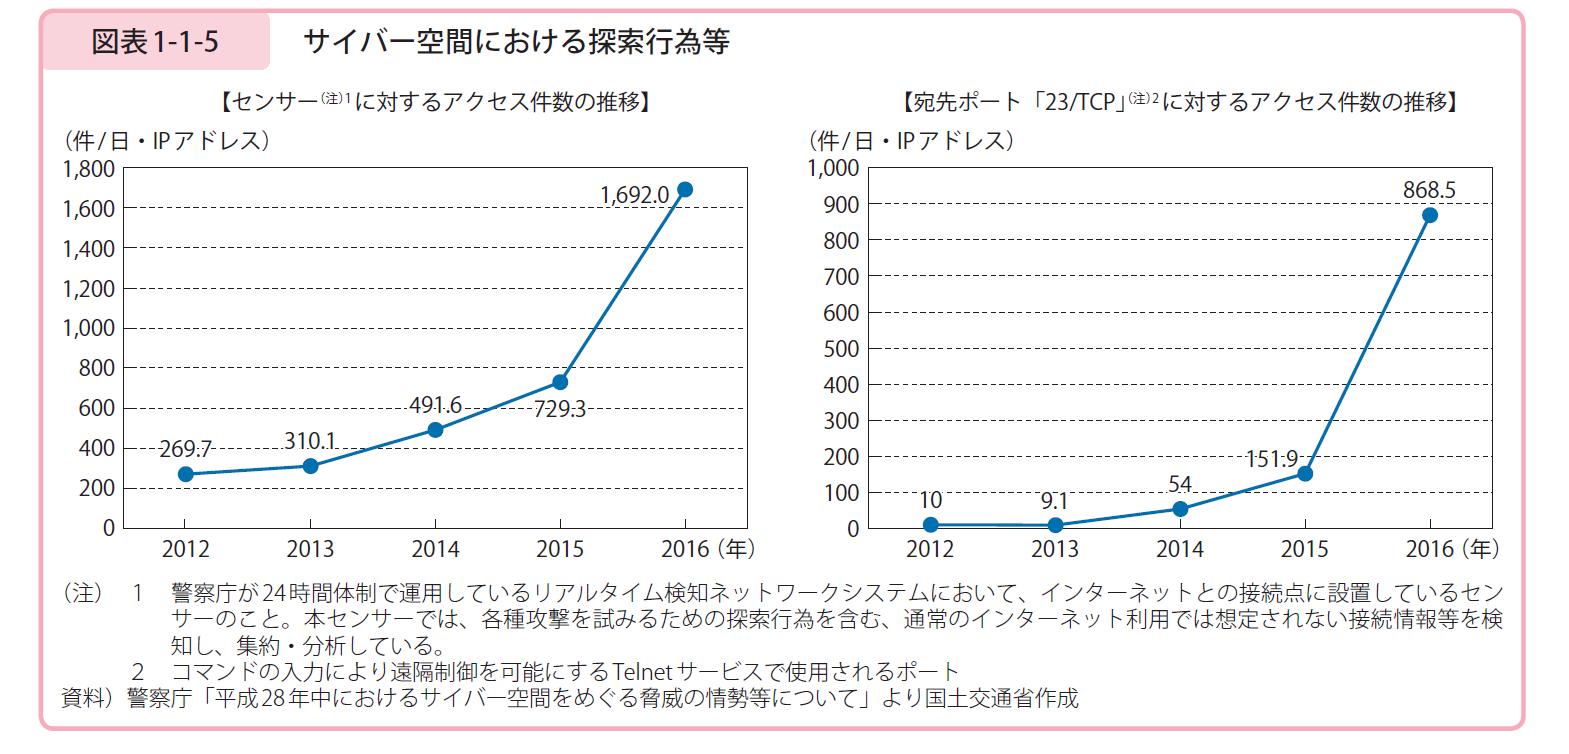 日本人口の低密度化と地域偏在